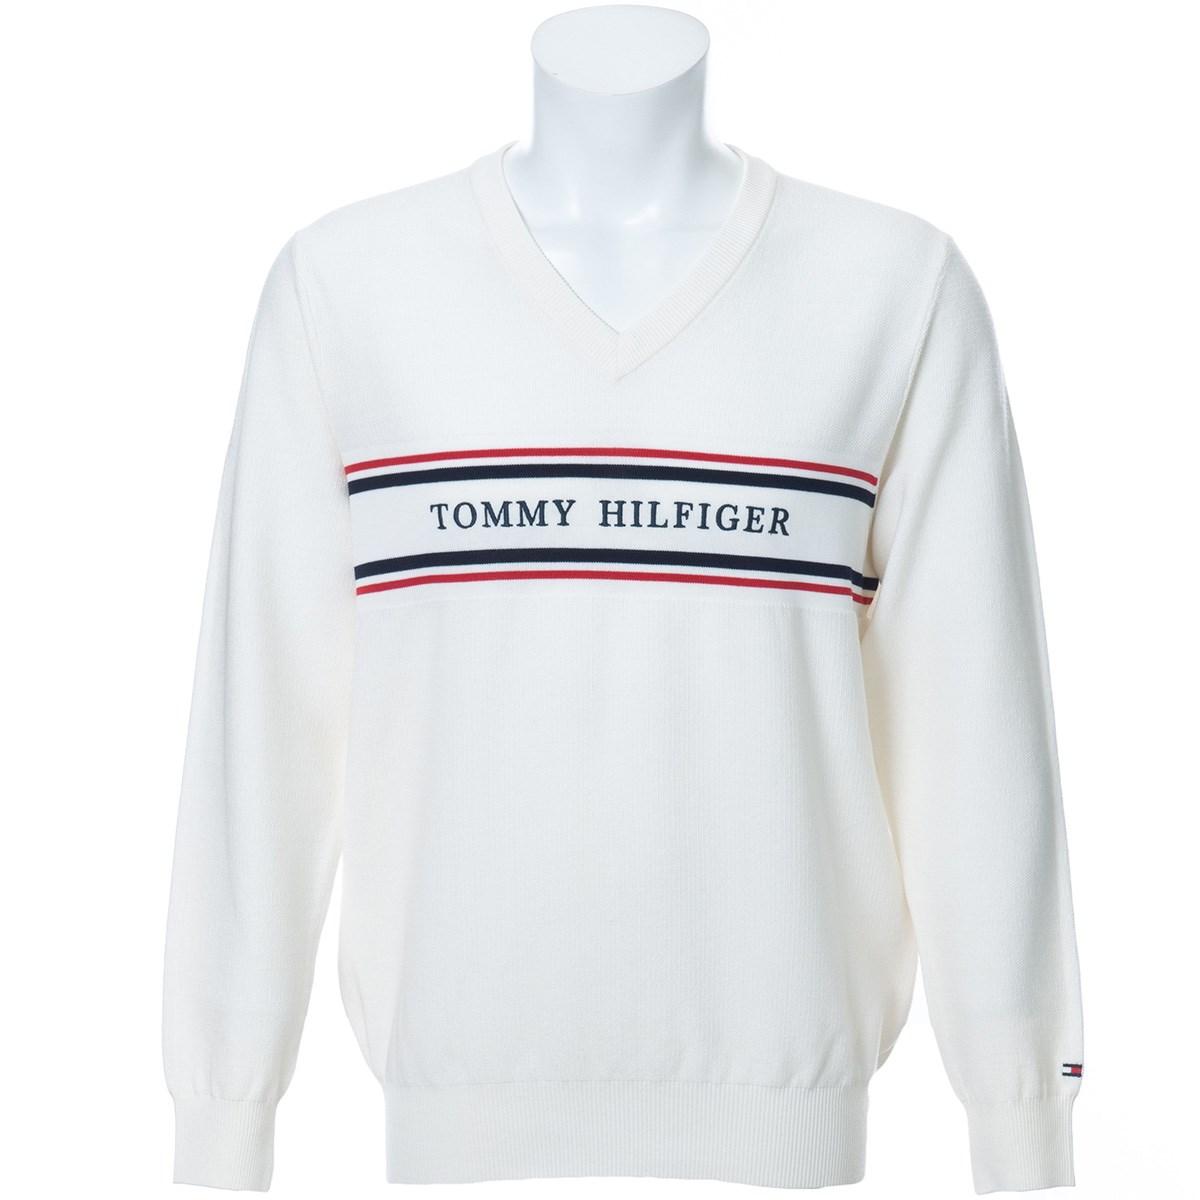 トミーヒルフィガー(Tommy Hilfiger) CLASSIC ロゴ メッシュ Vネックセーター